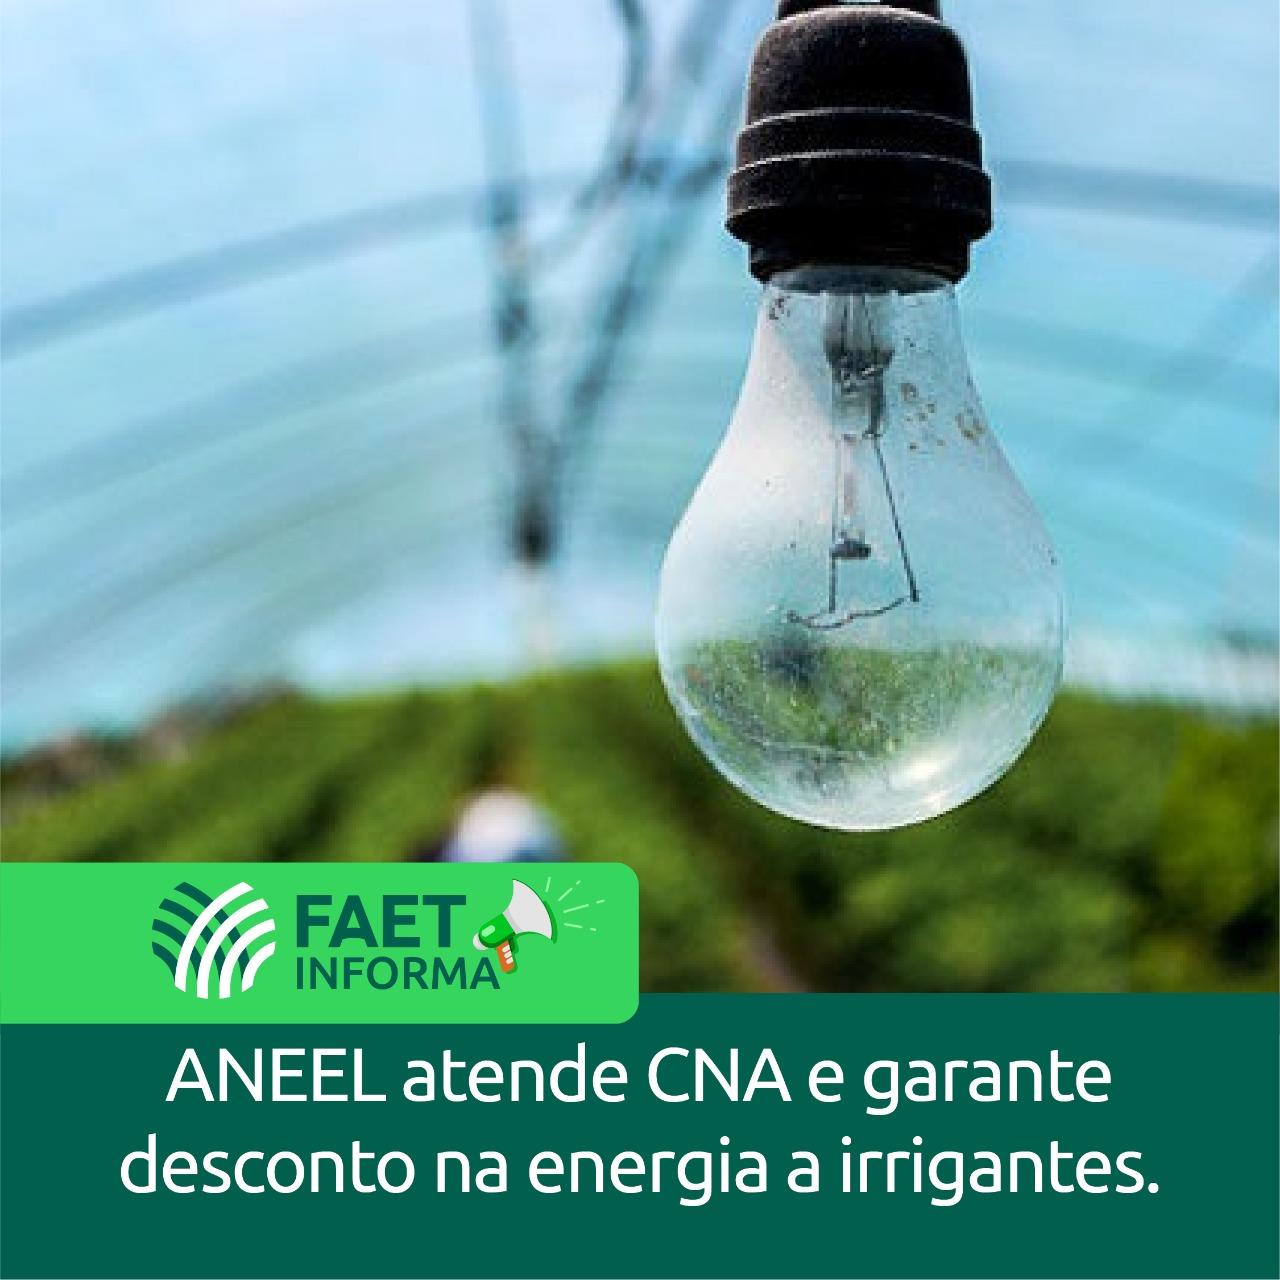 Aneel atende CNA e garante desconto na energia a irrigantes